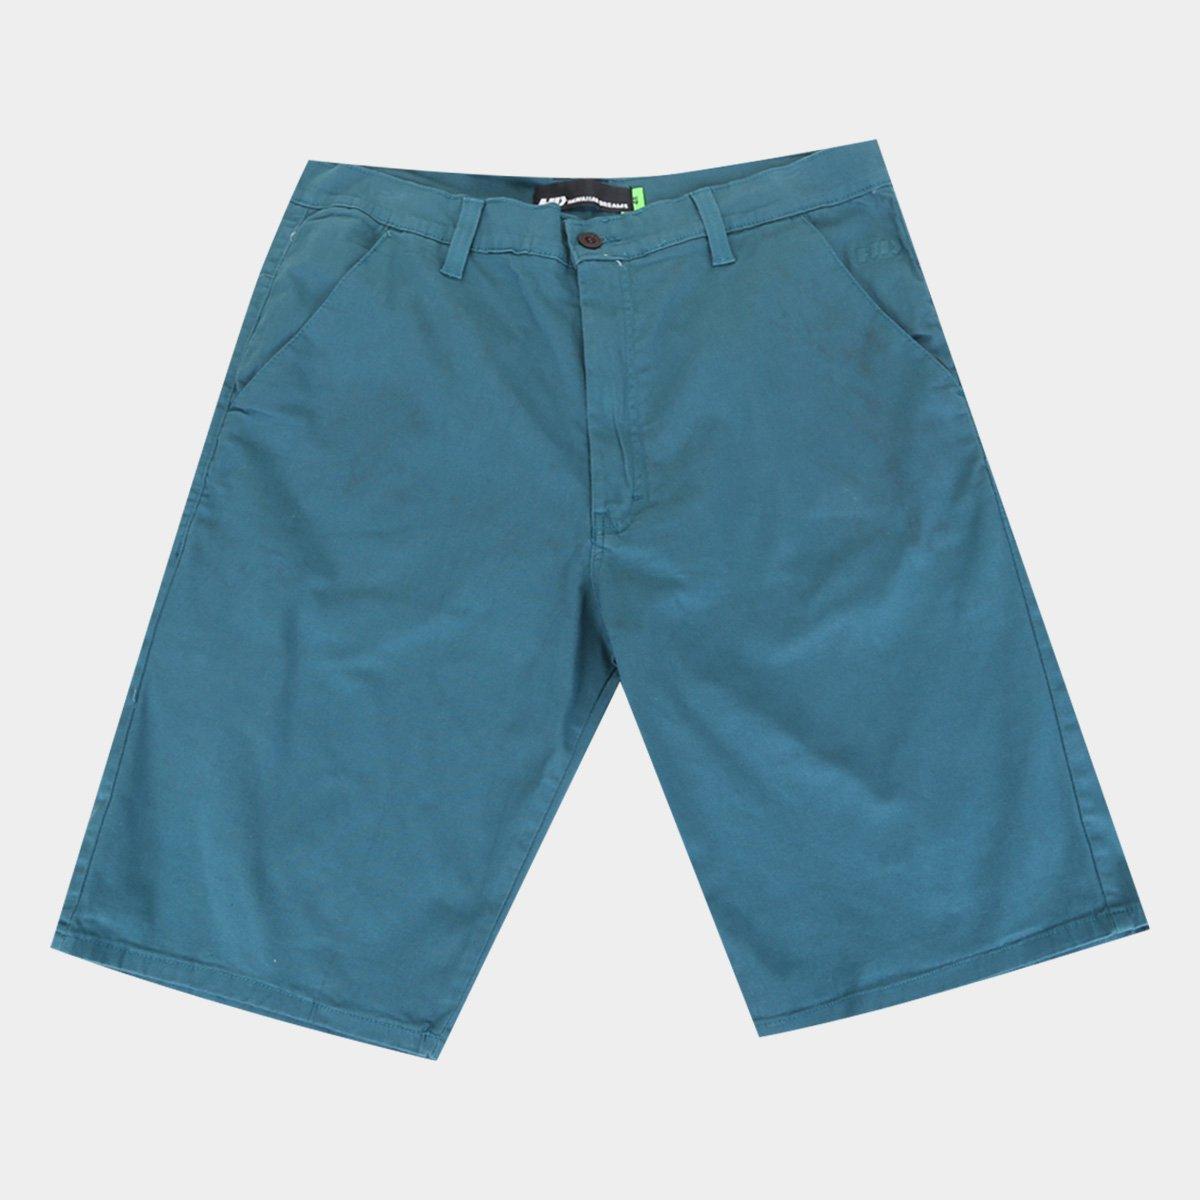 Bermuda Sarja Hd Walkshort Hd Plus Size Masculina